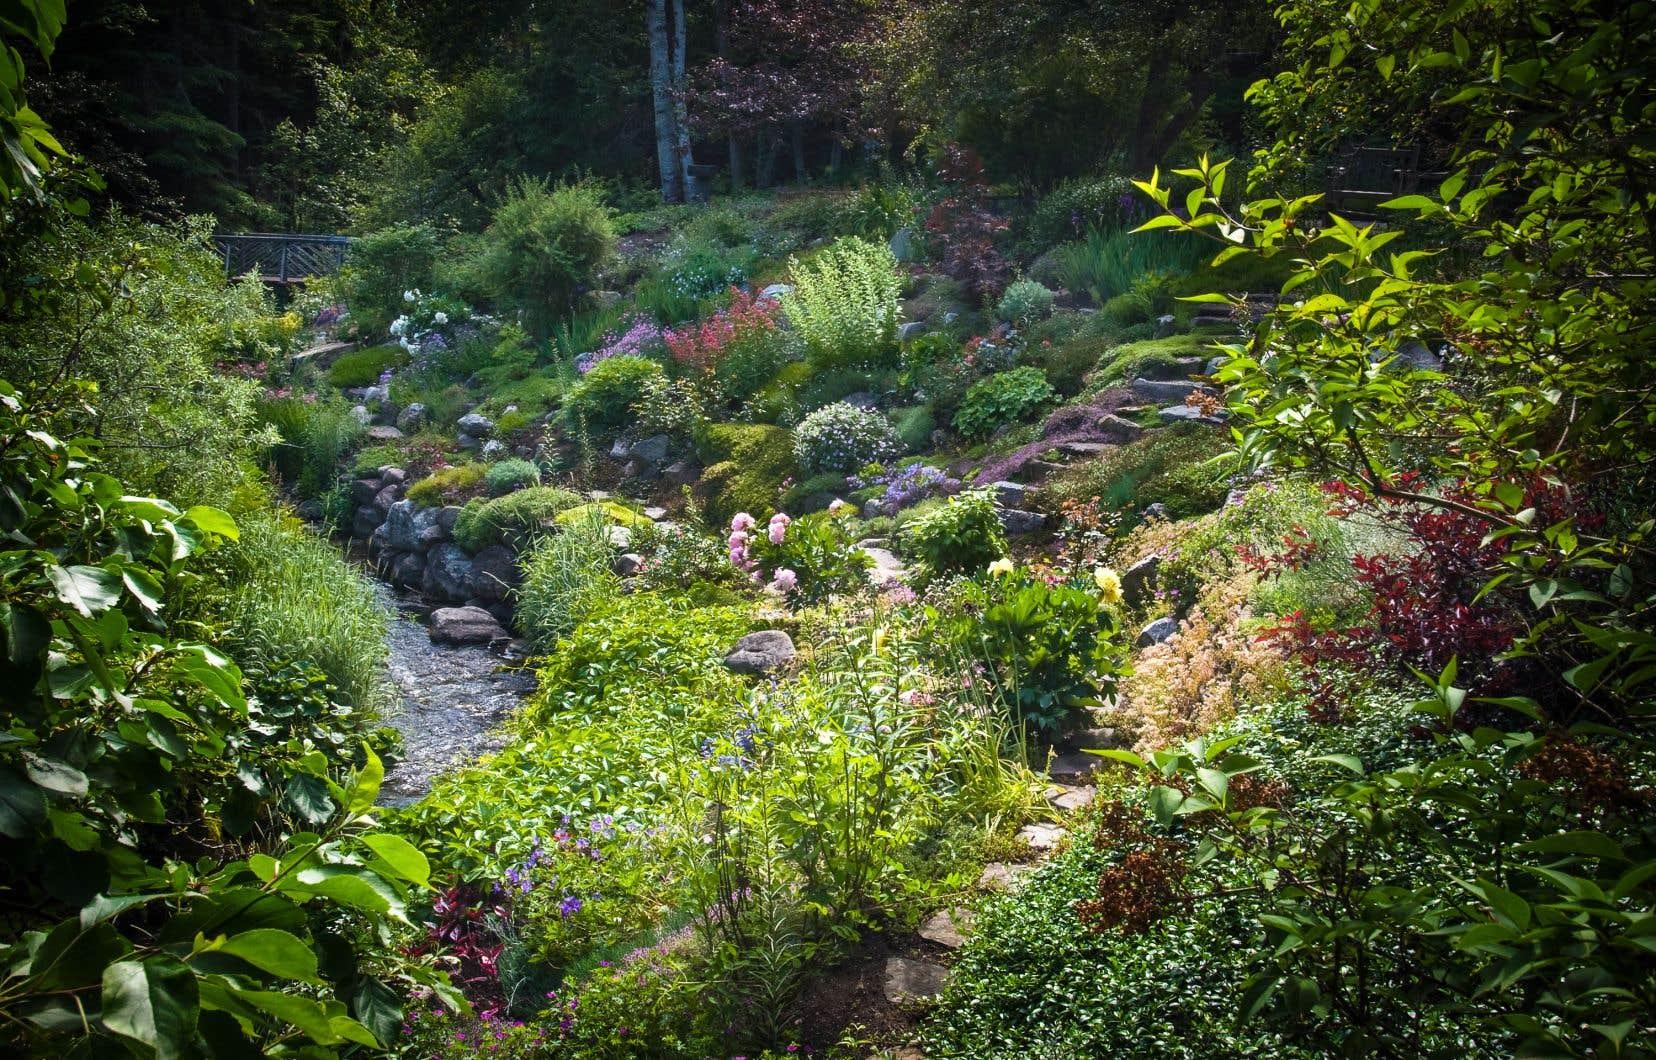 Les Jardins de Métis regroupe une quinzaine de jardins (dont celui du ruisseau, en photo) valorisant l'art paysager anglais au cœur d'un environnement naturel.